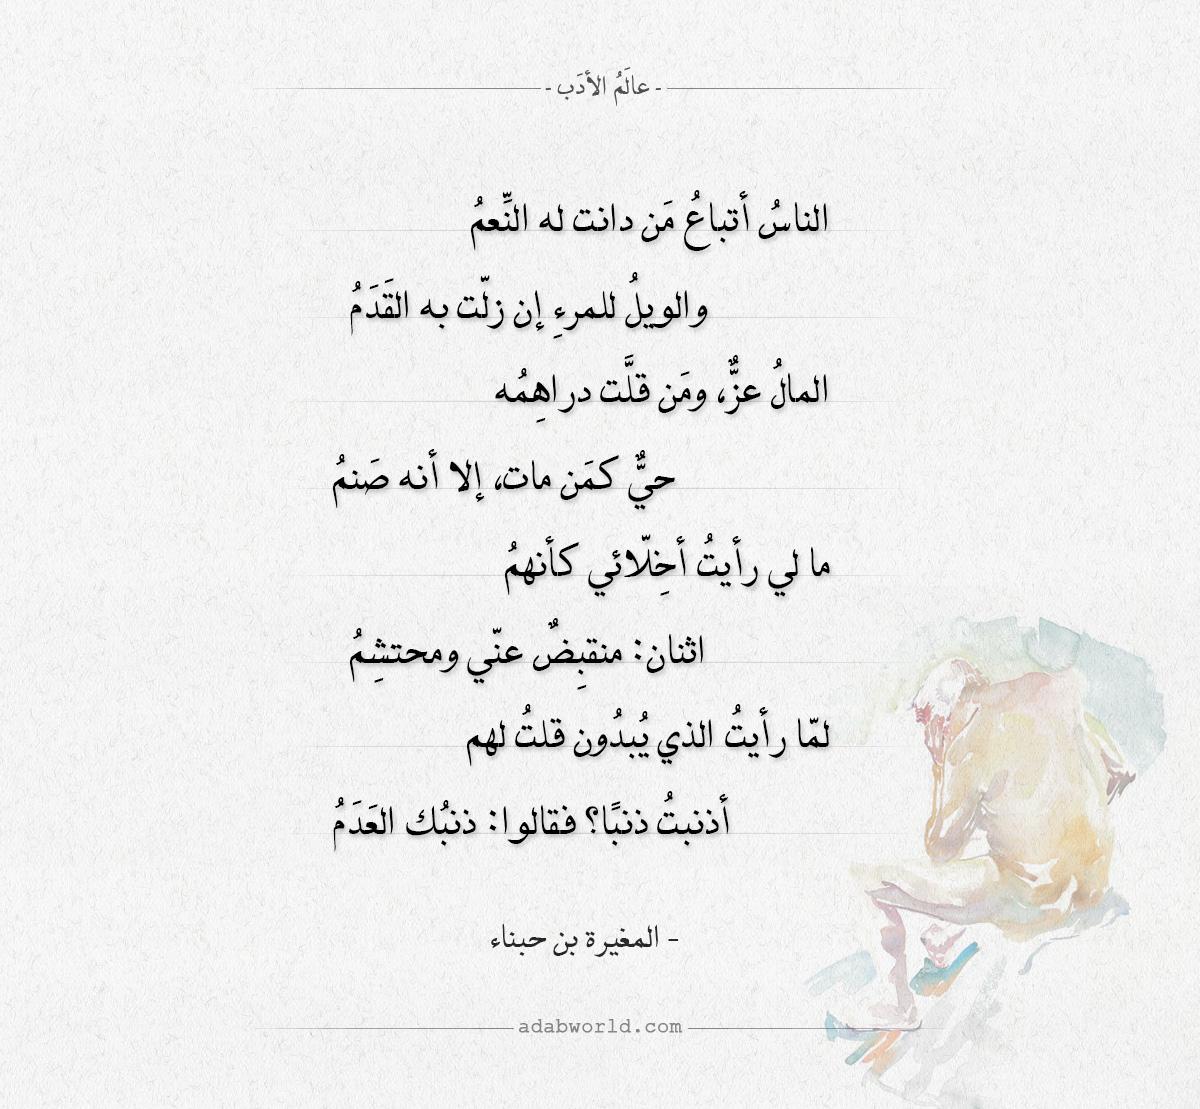 شعر المغيرة بن حبناء - الناس أتباع من دانت له النعم